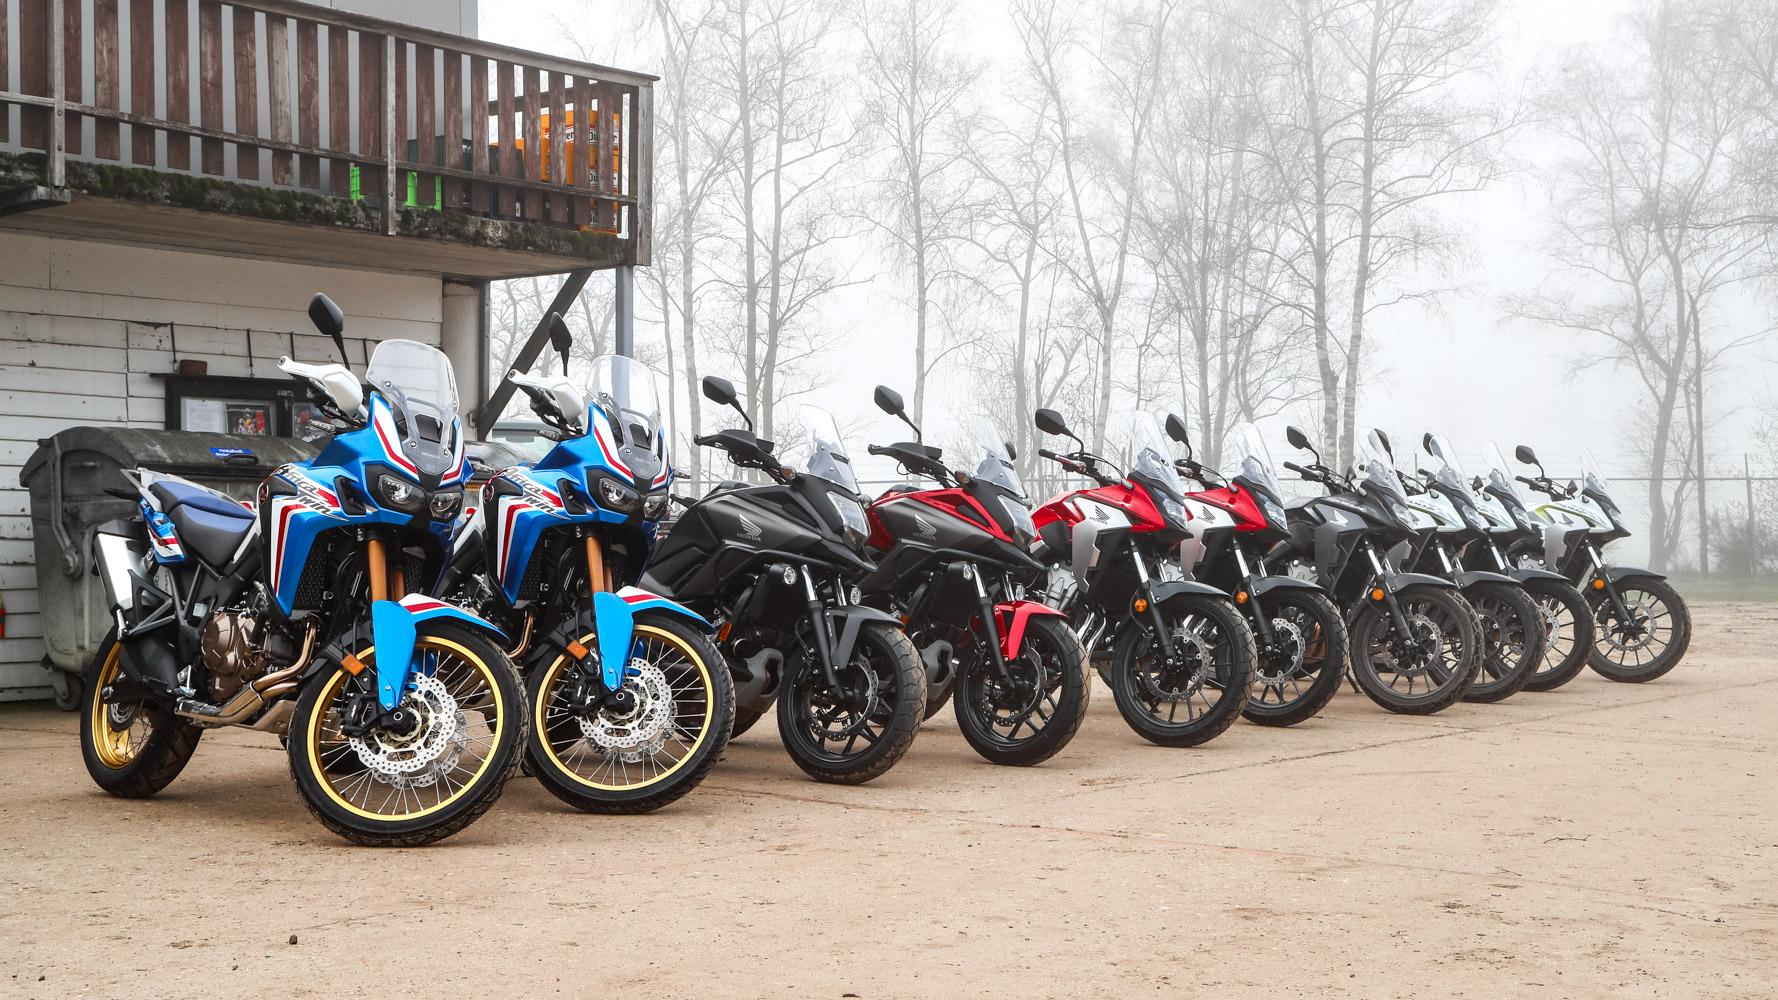 Hondapark Olmen - Balen - CB500x - Line up